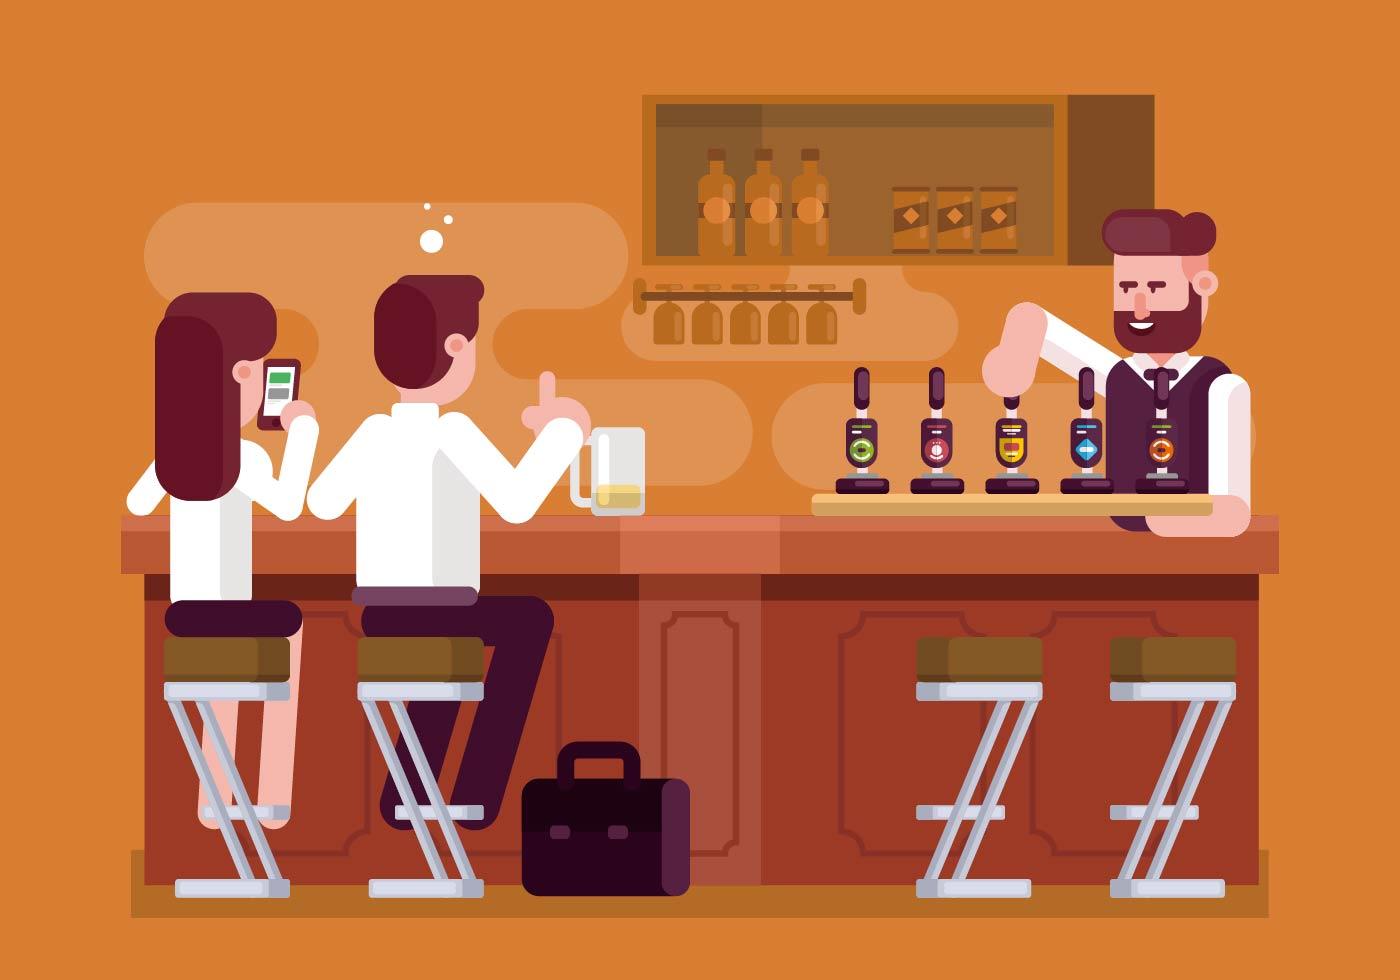 Beer tap free vector art downloads